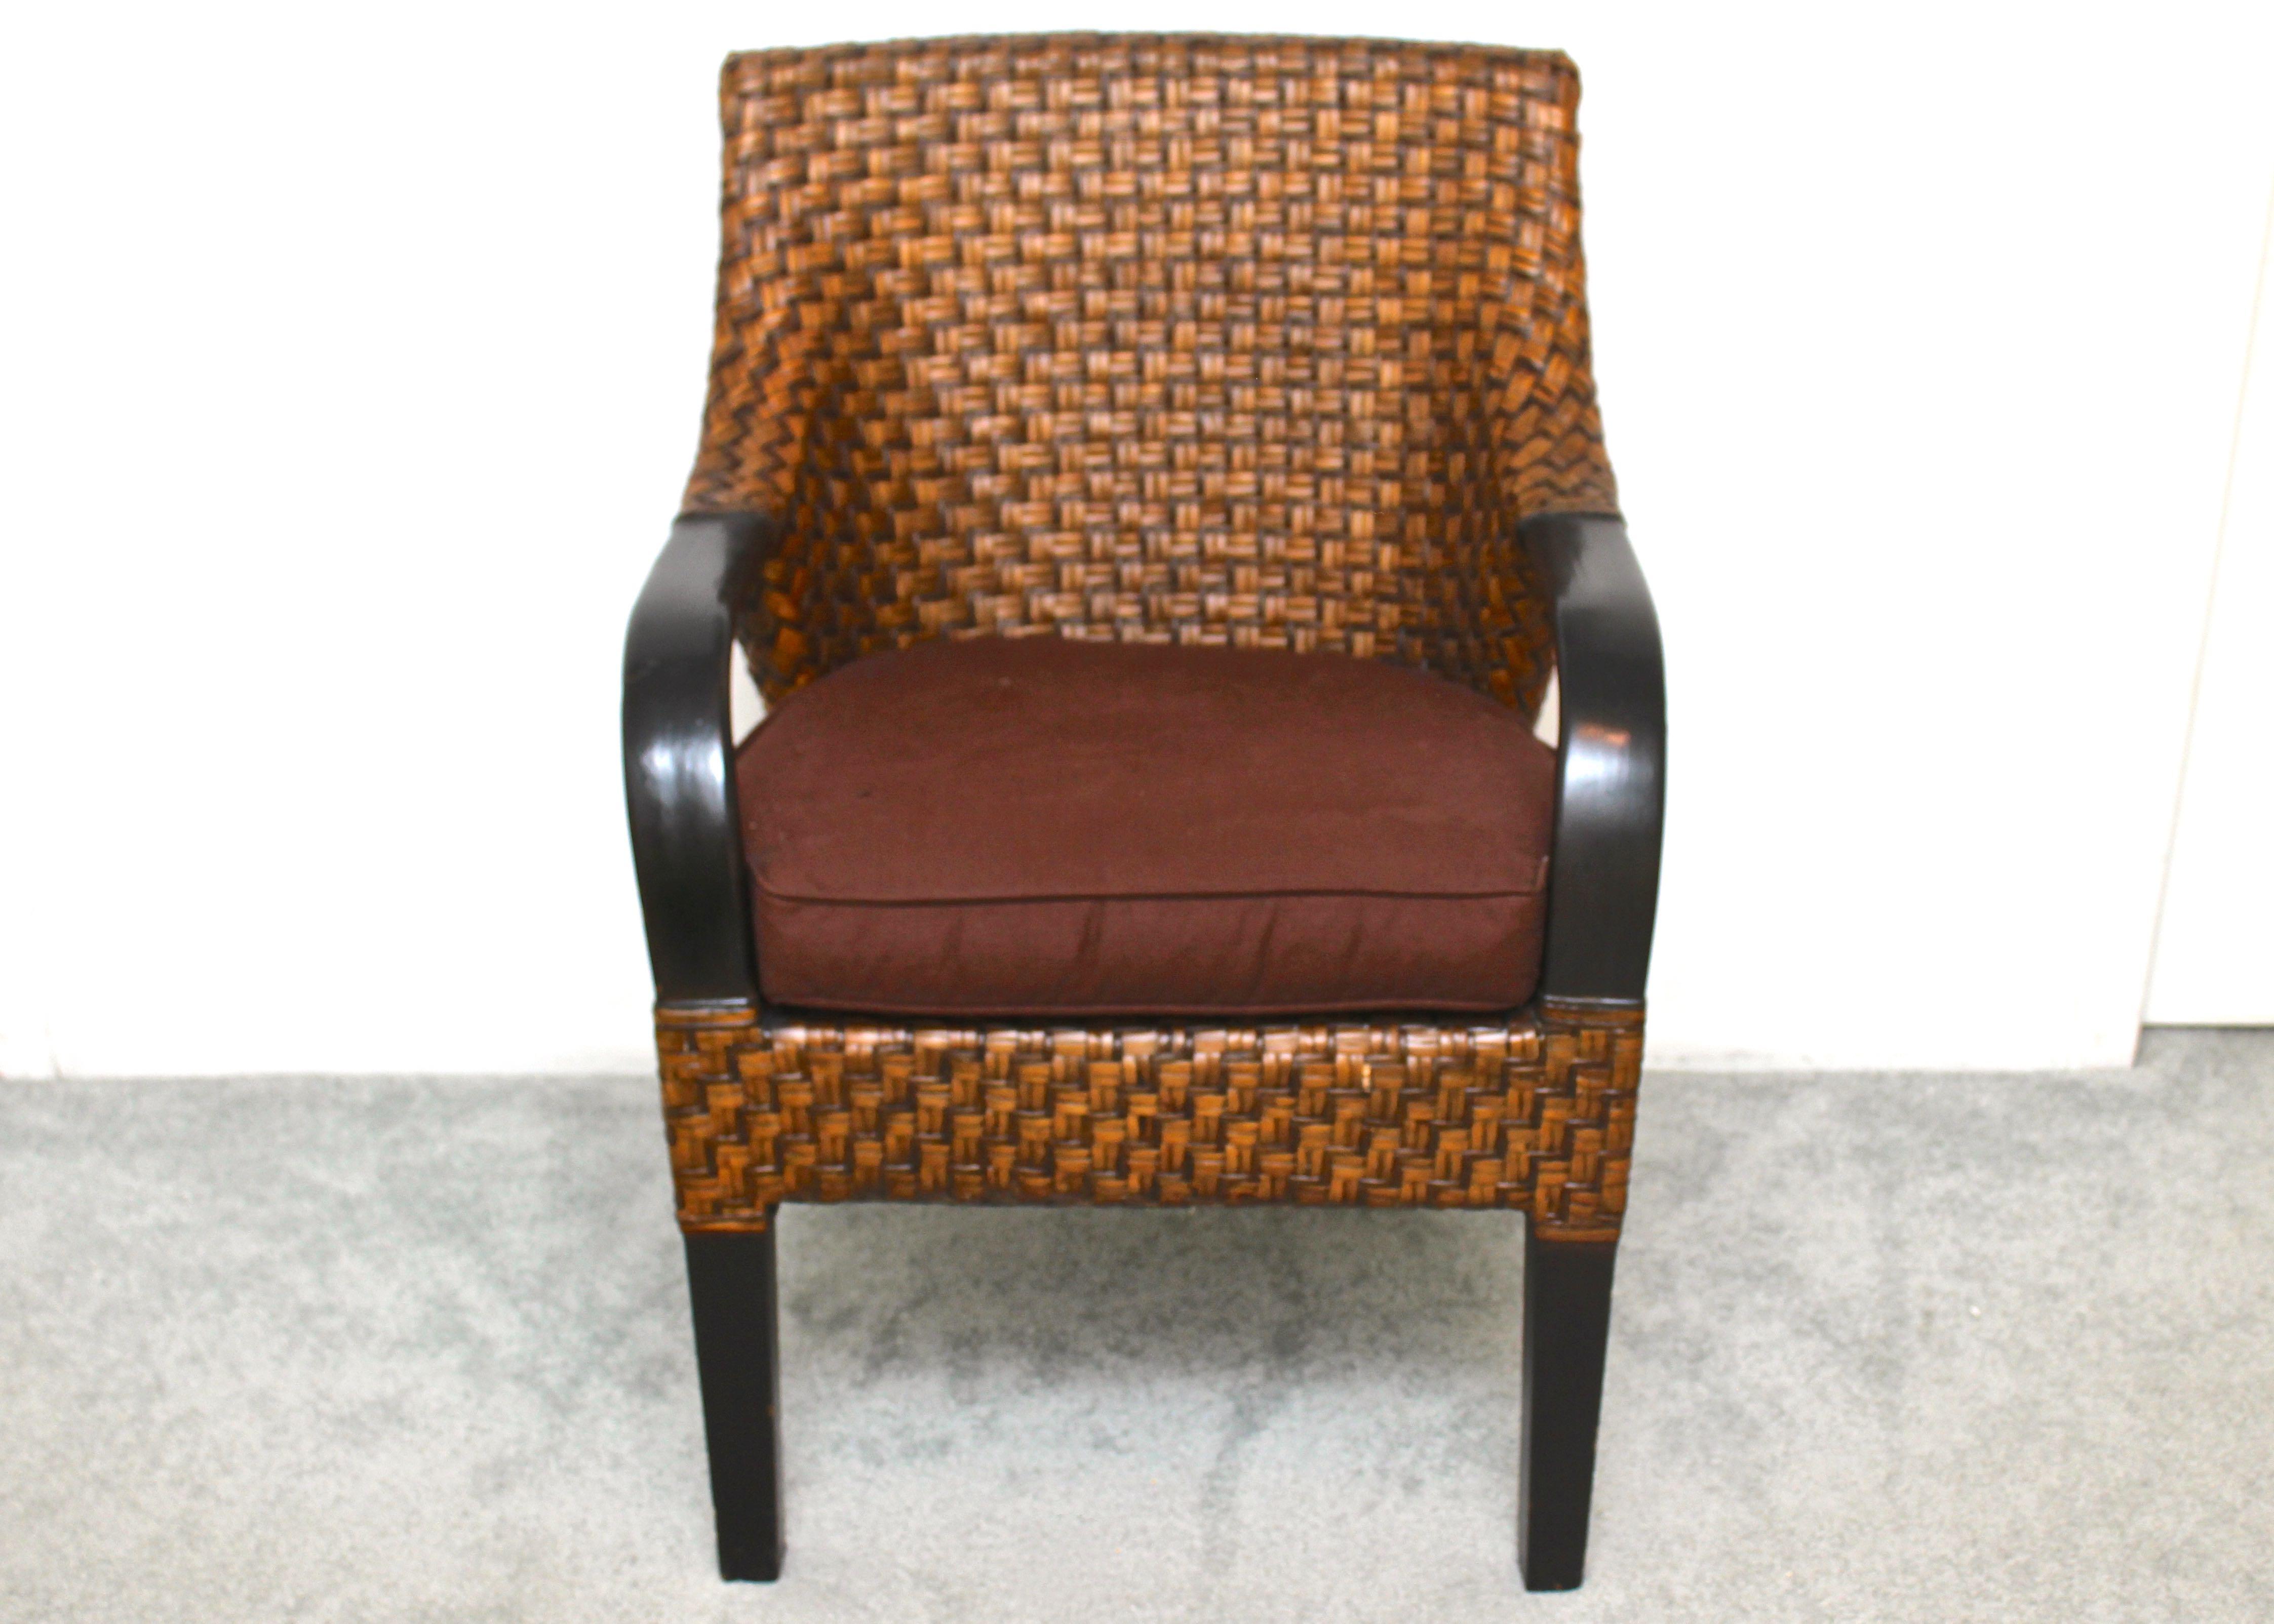 pier one rattan chair where to nail rail 1 imports ebth